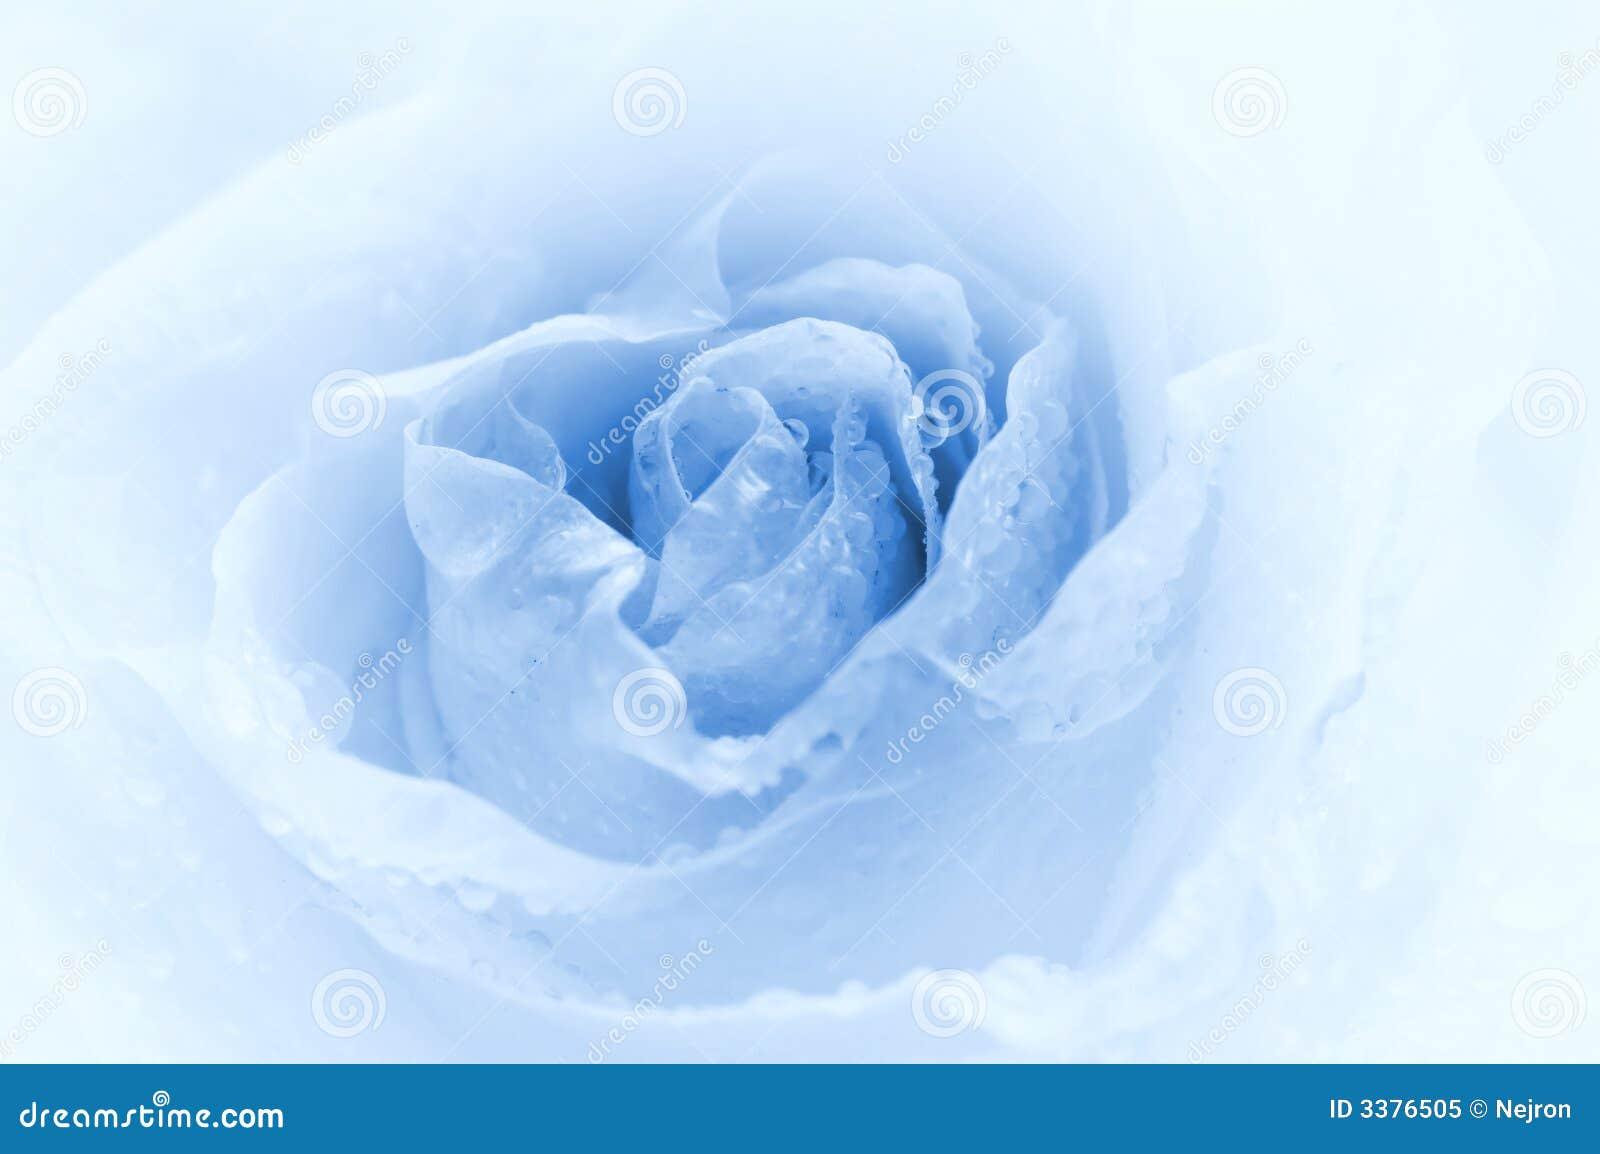 Close-up shot of a rose